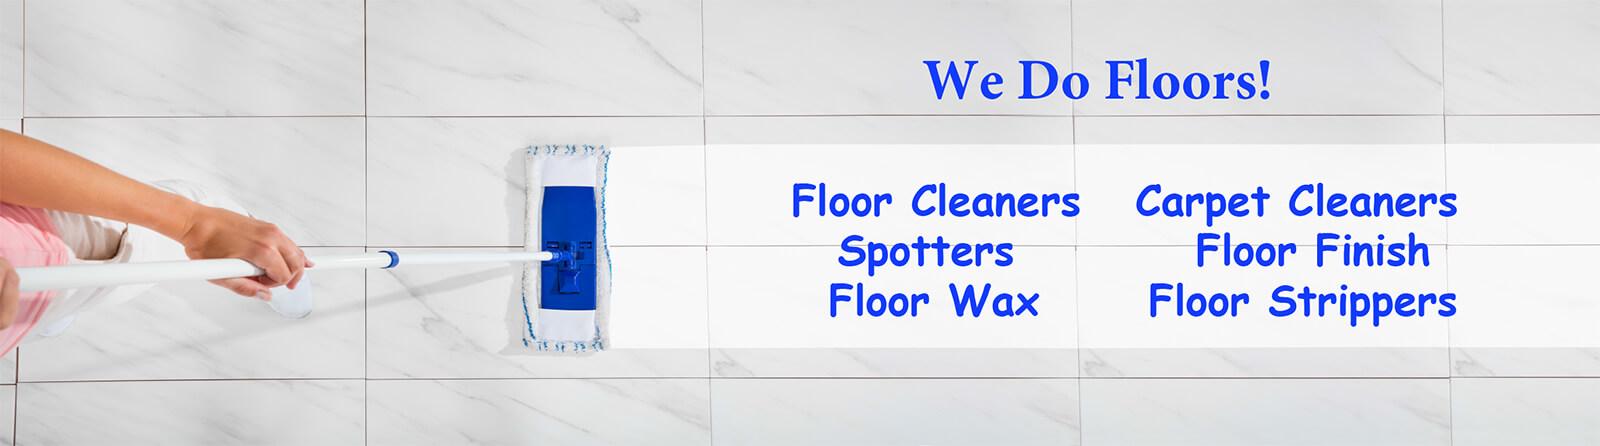 floor-carpet-cleaner-banner-opt.jpg